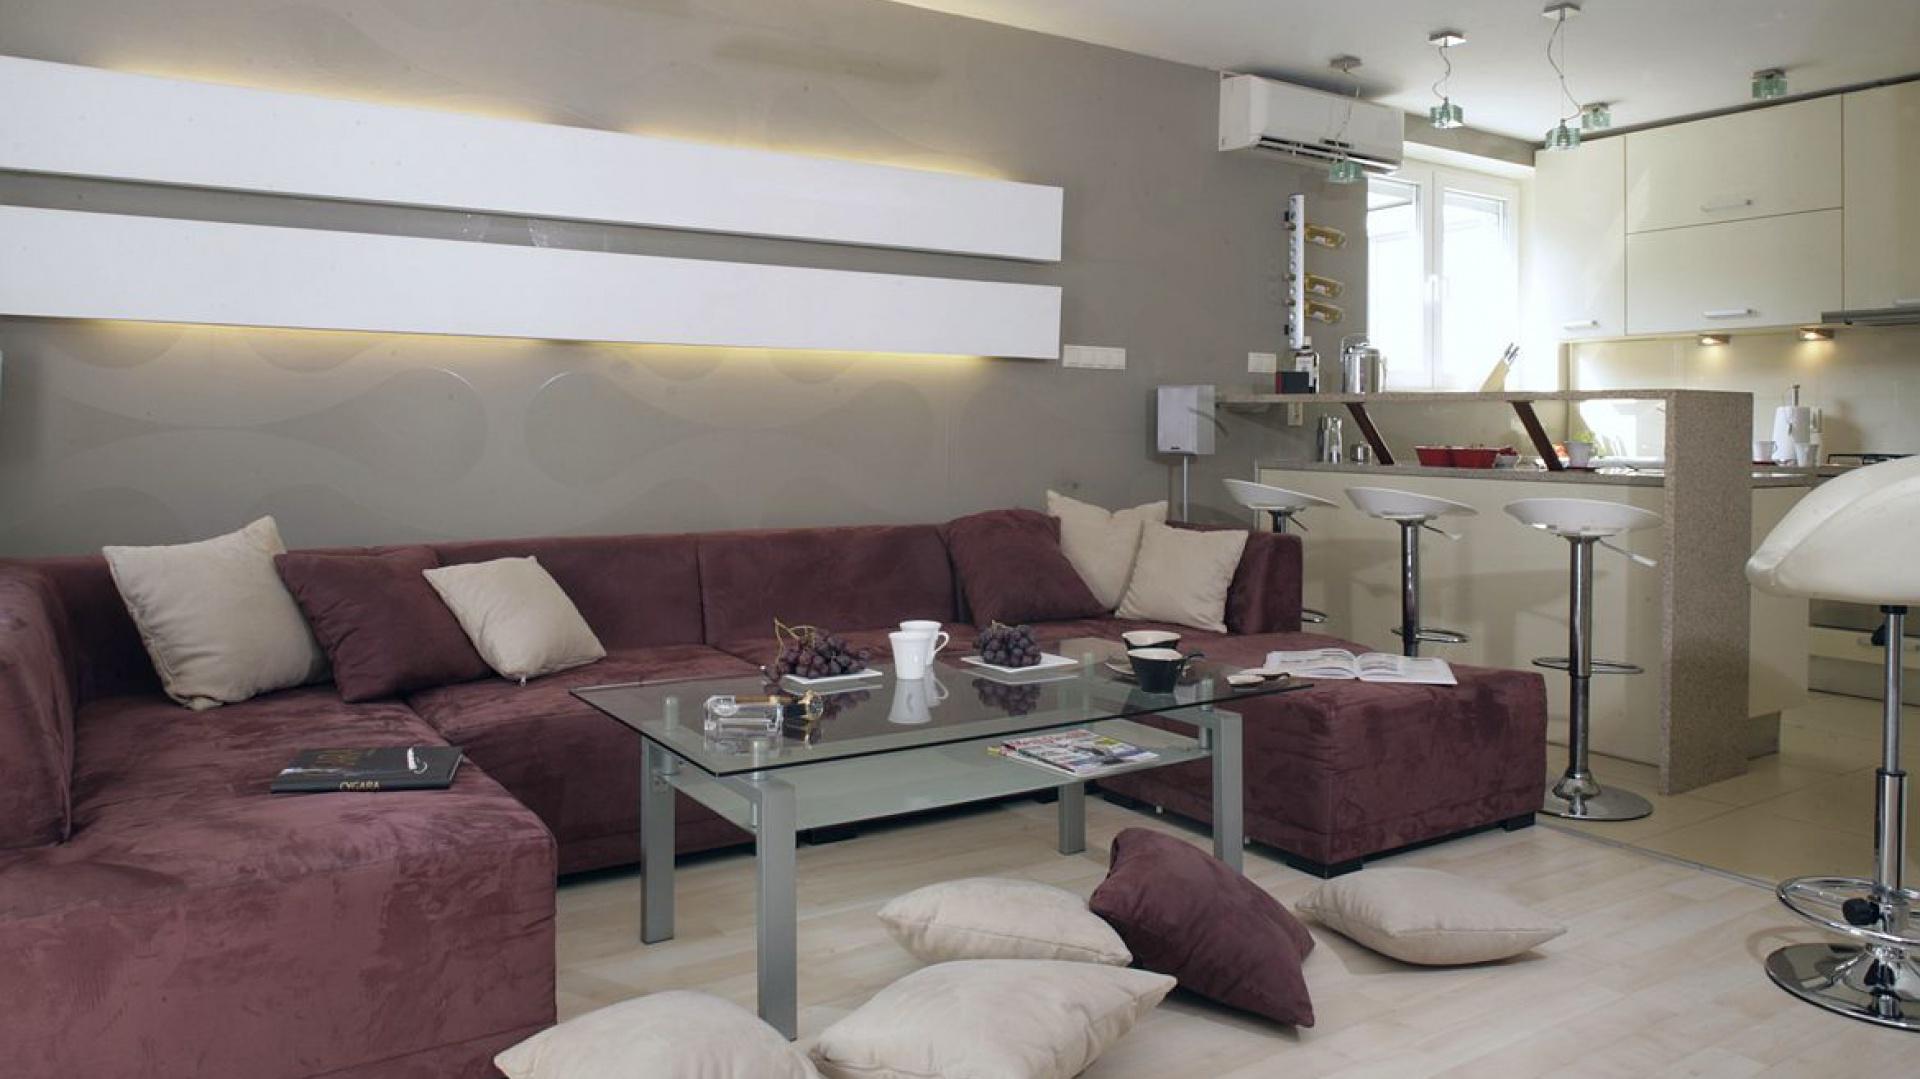 Nad narożną sofą w salonie zamontowano panel (płyta gipsowo-kartonowa) z ukrytą świetlówką.  Ścianę zdobi oryginalna tapeta nawiązującą wzorem do op-artu (Ulf Moritz). Pokryła ona ścianę w  salonie, kuchni i także w sypialni. Fot. Monika Filipiuk.